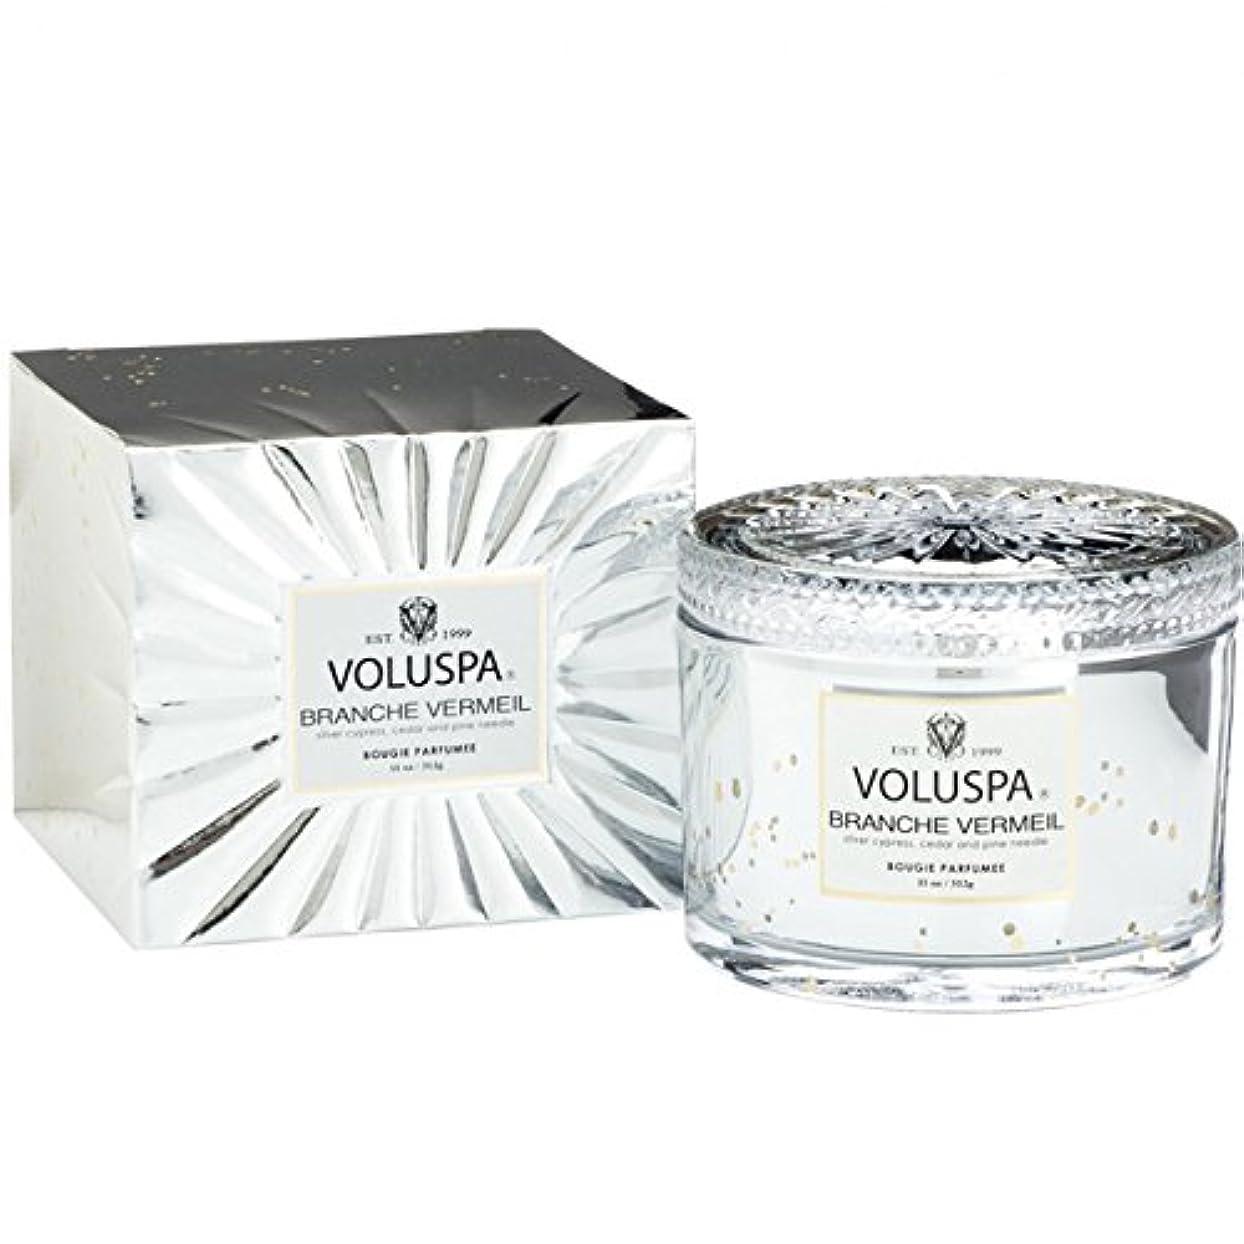 情報なめらか支店Voluspa ボルスパ ヴァーメイル ボックス入り グラスキャンドル フ?ランチヴァーメイル BRANCHE VERMEIL VERMEIL BOX Glass Candle